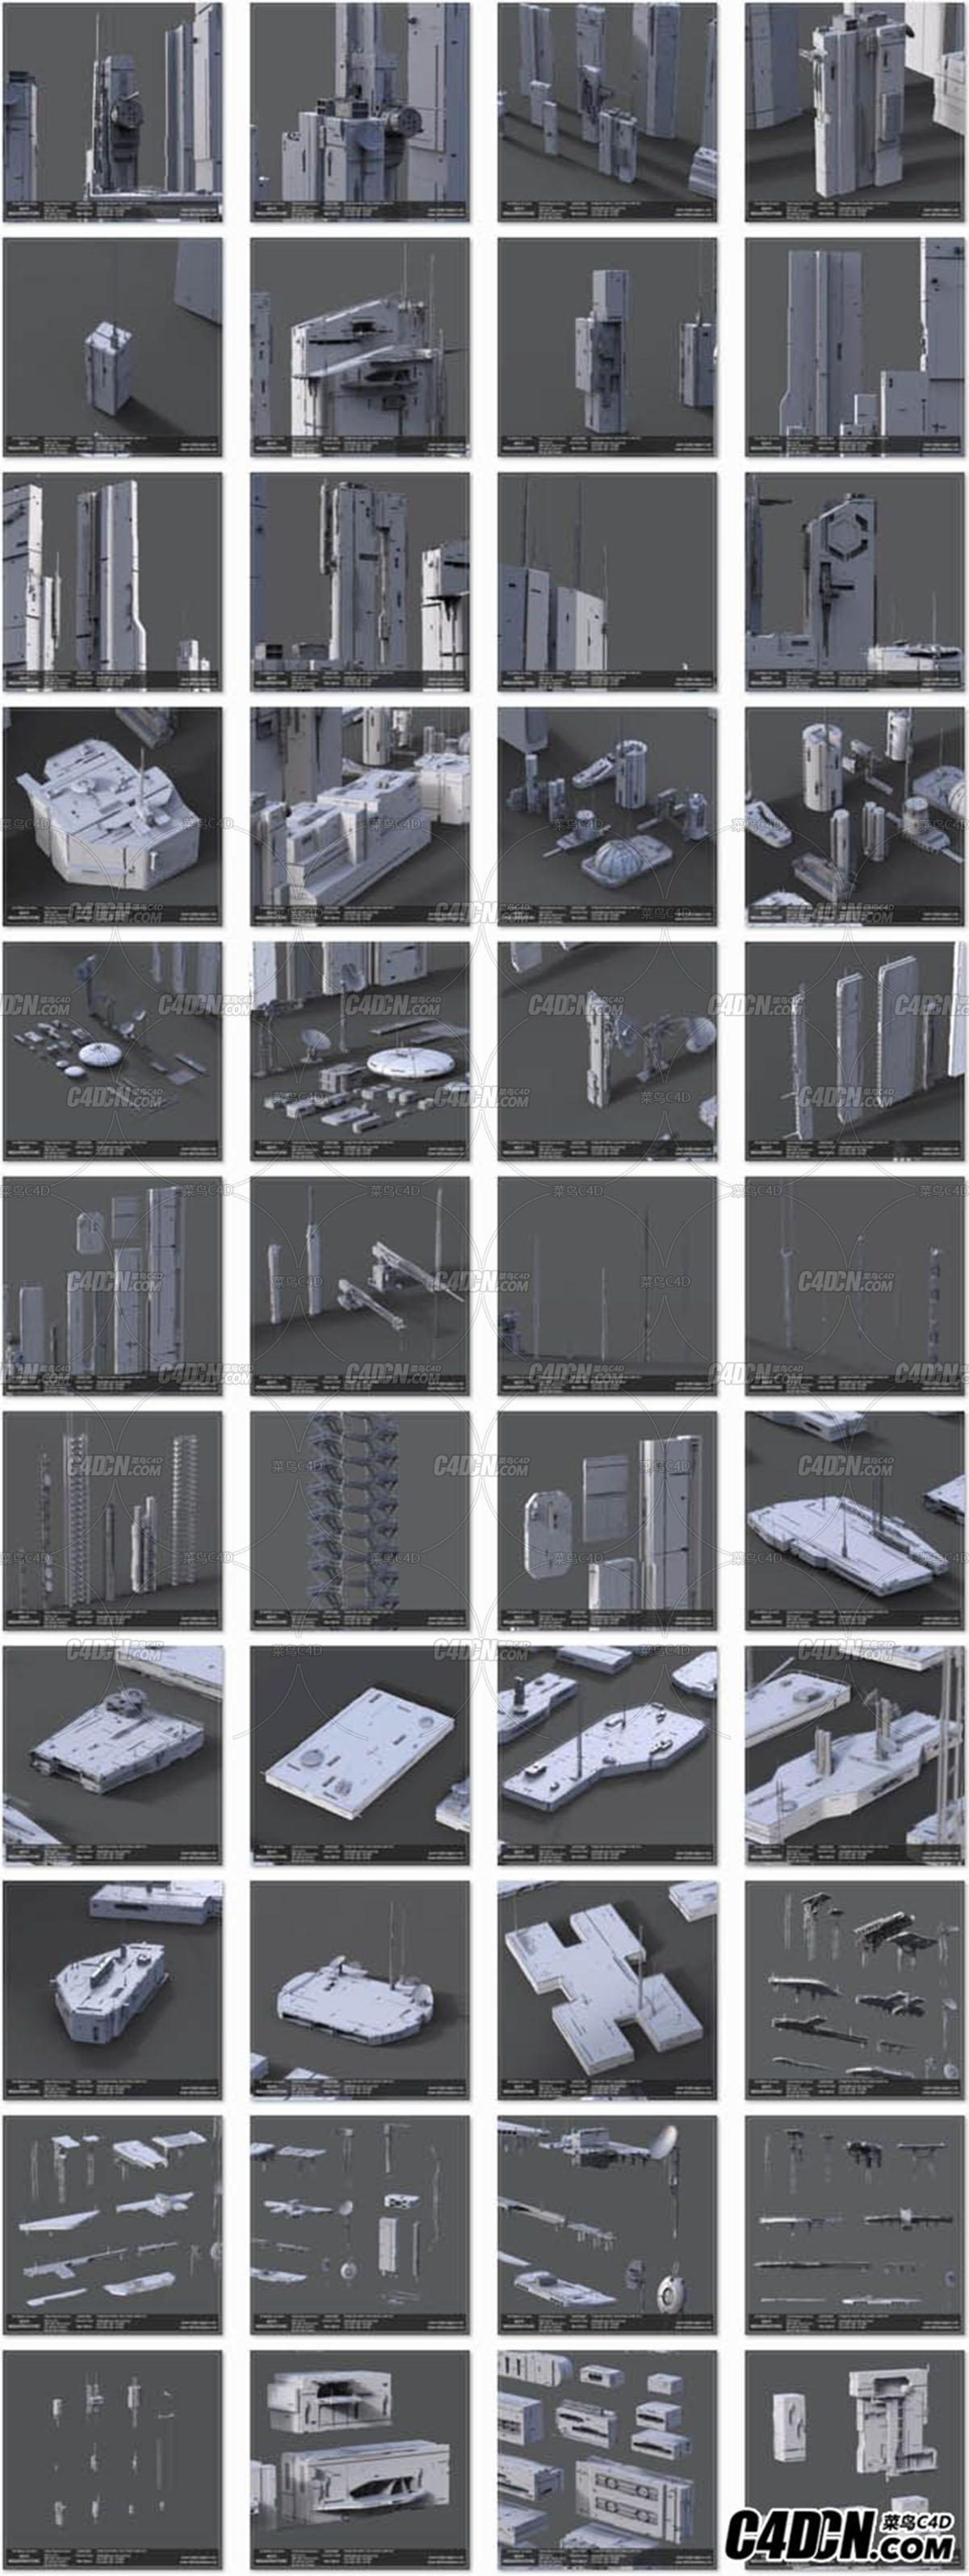 科幻环境场景模型包